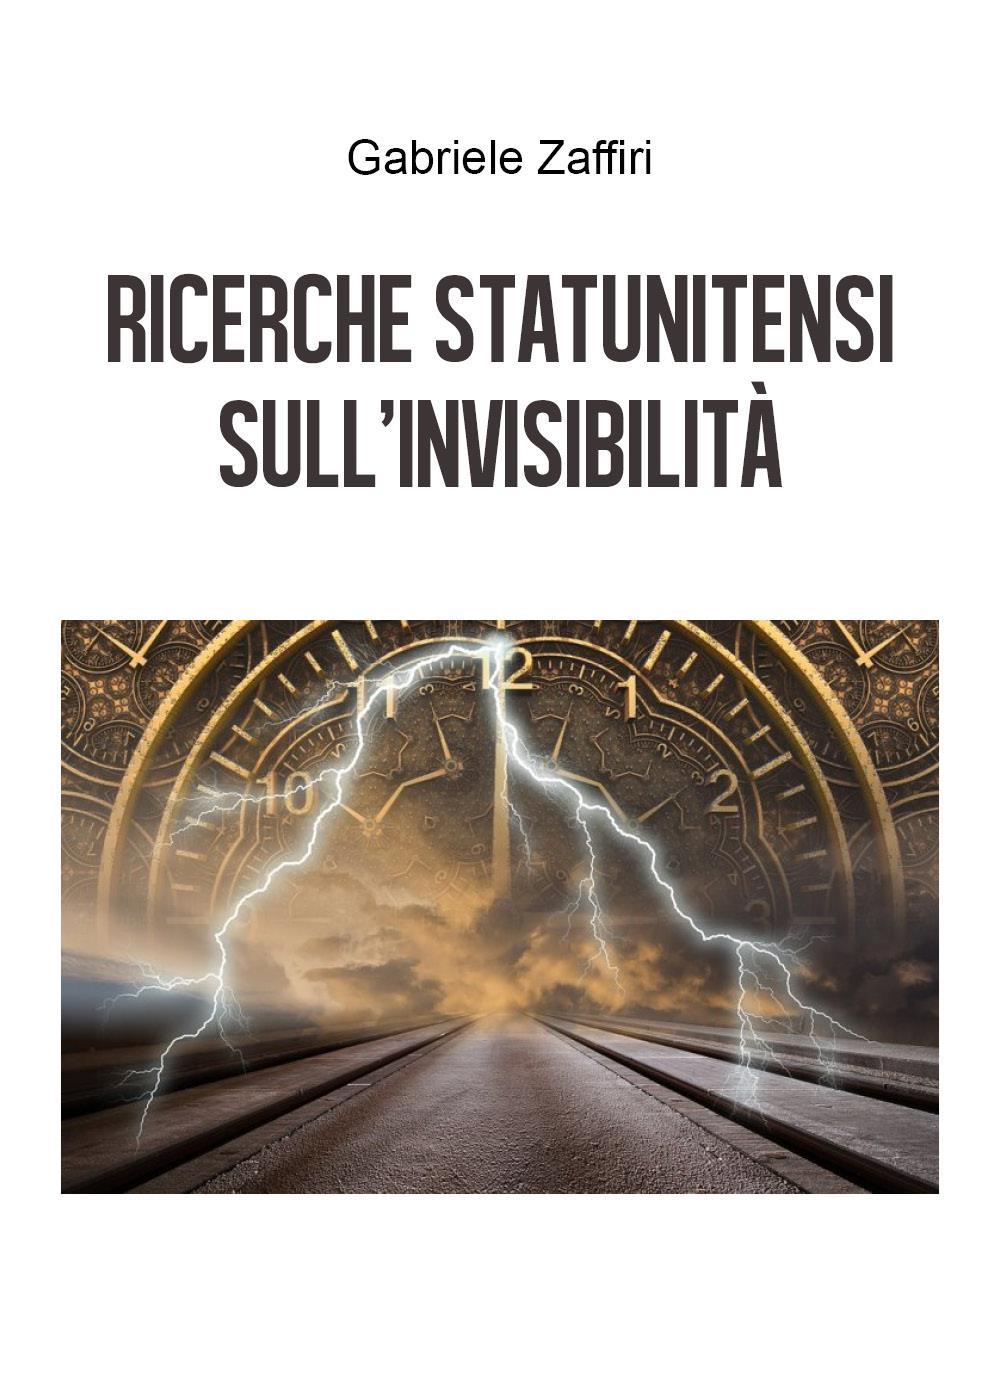 Ricerche statunitensi sull'invisibilità